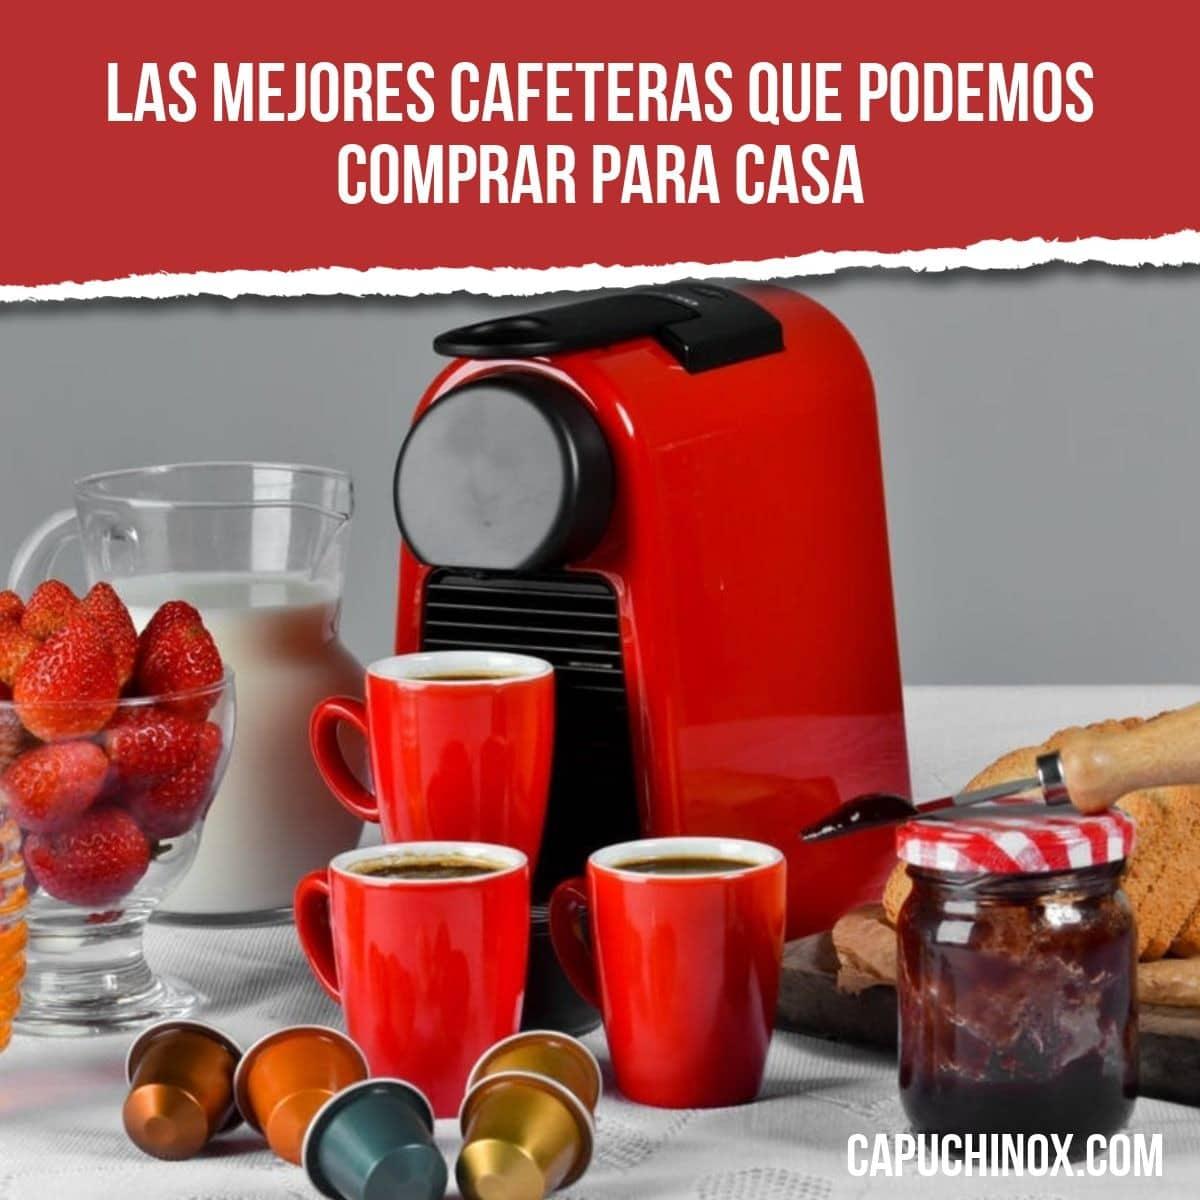 jarra de espumador de leche Jarra de vapor expr/és Taza de medici/ón de acero inoxidable con marcado con mango para espuma de leche Latte Art Taza de medir